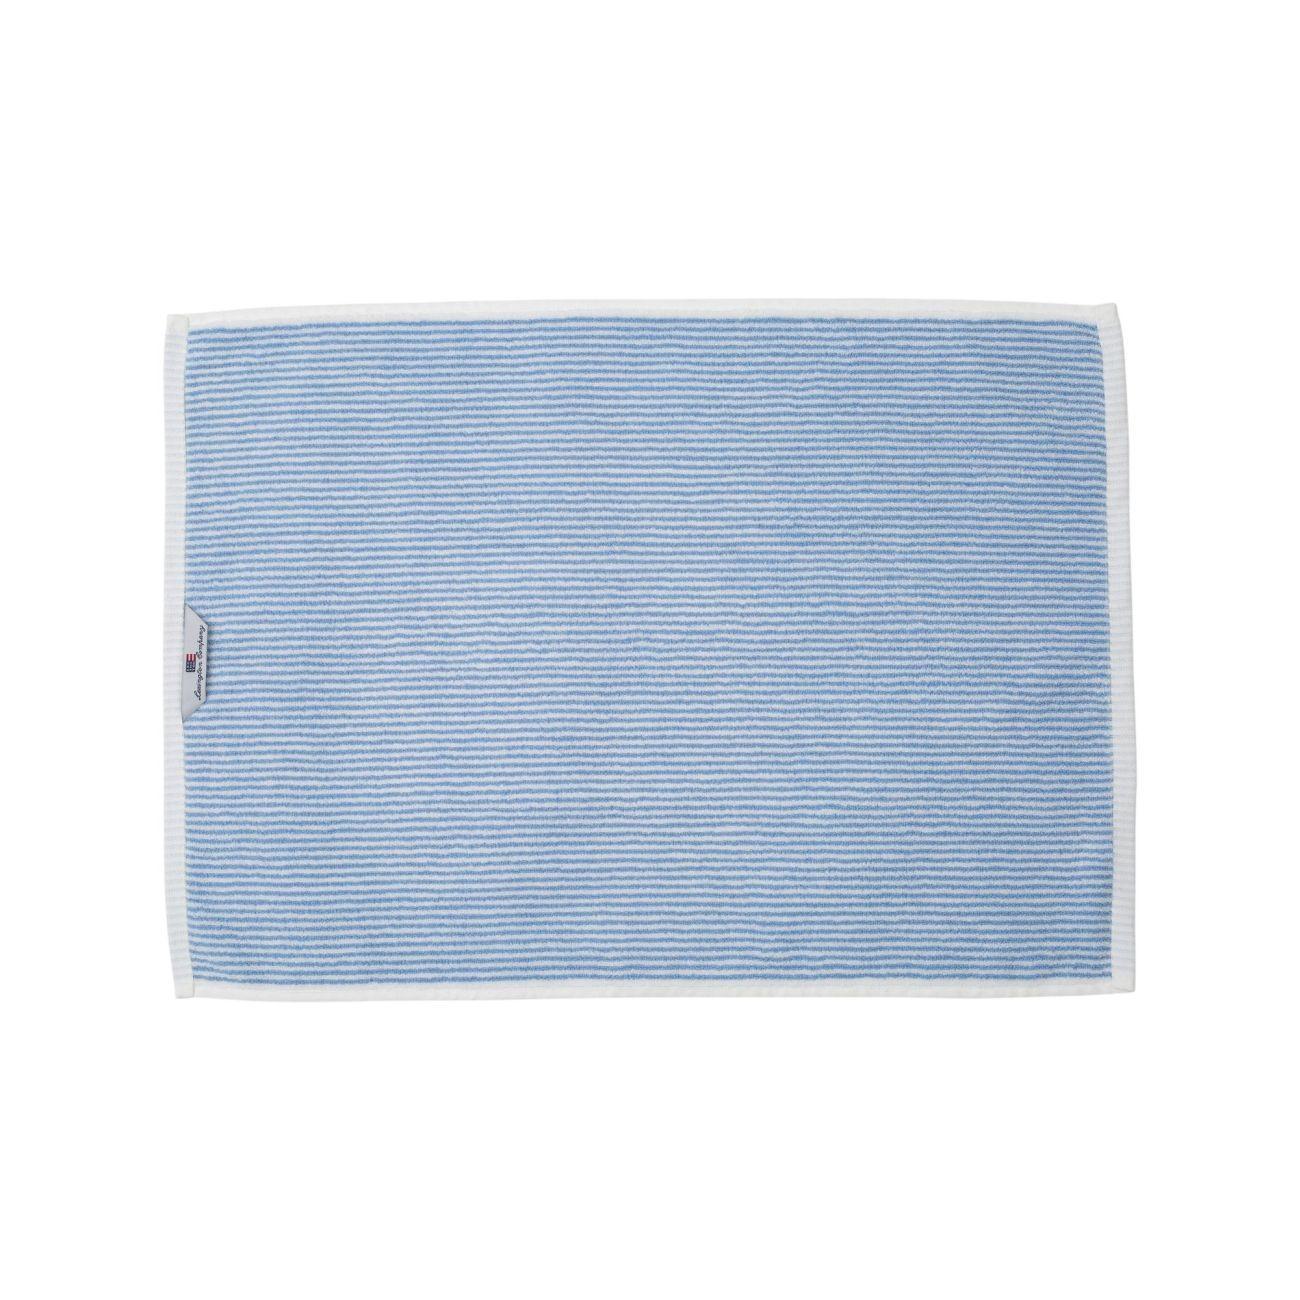 Lexington Original Towel Handtuch